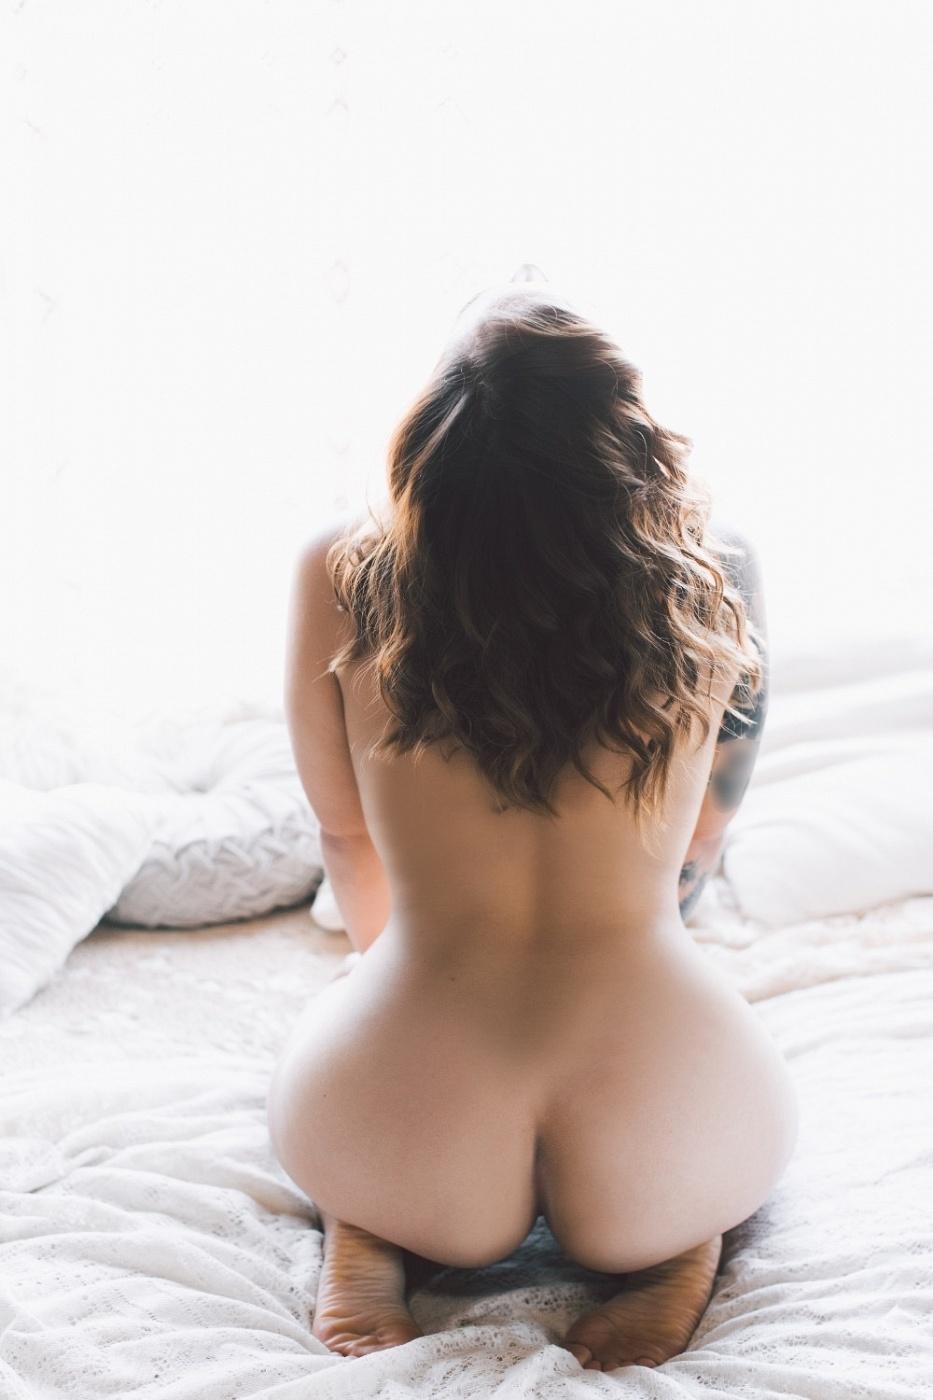 Ellia Ricci